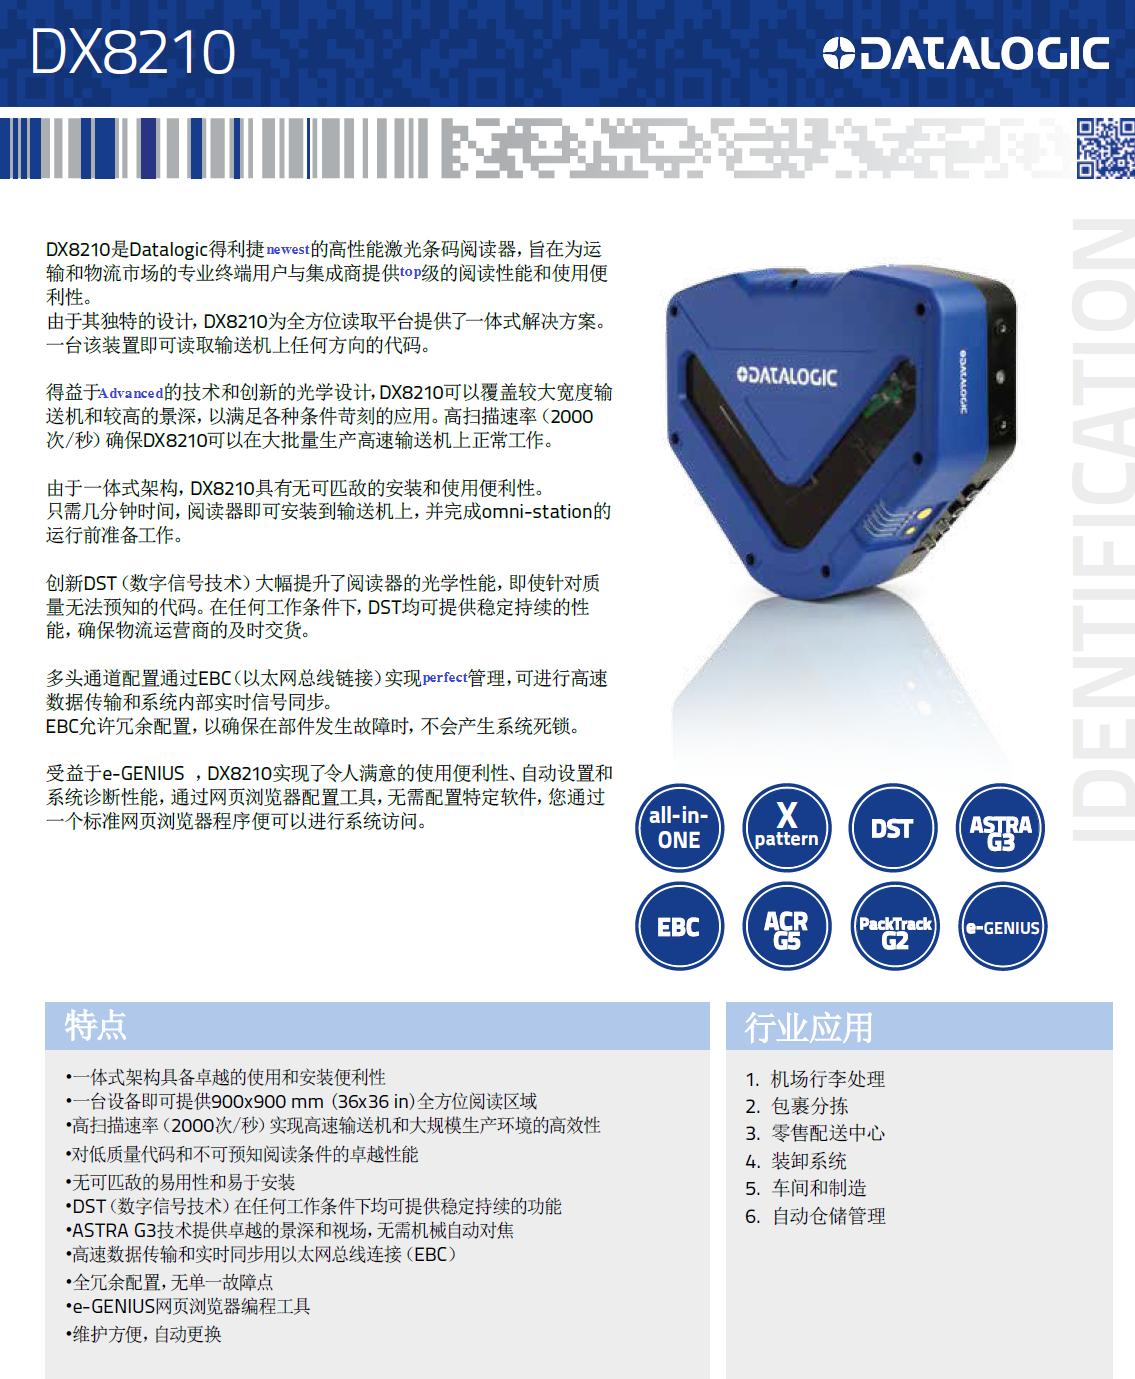 DX8210全方位条码扫描固定式读码器详细参数展示